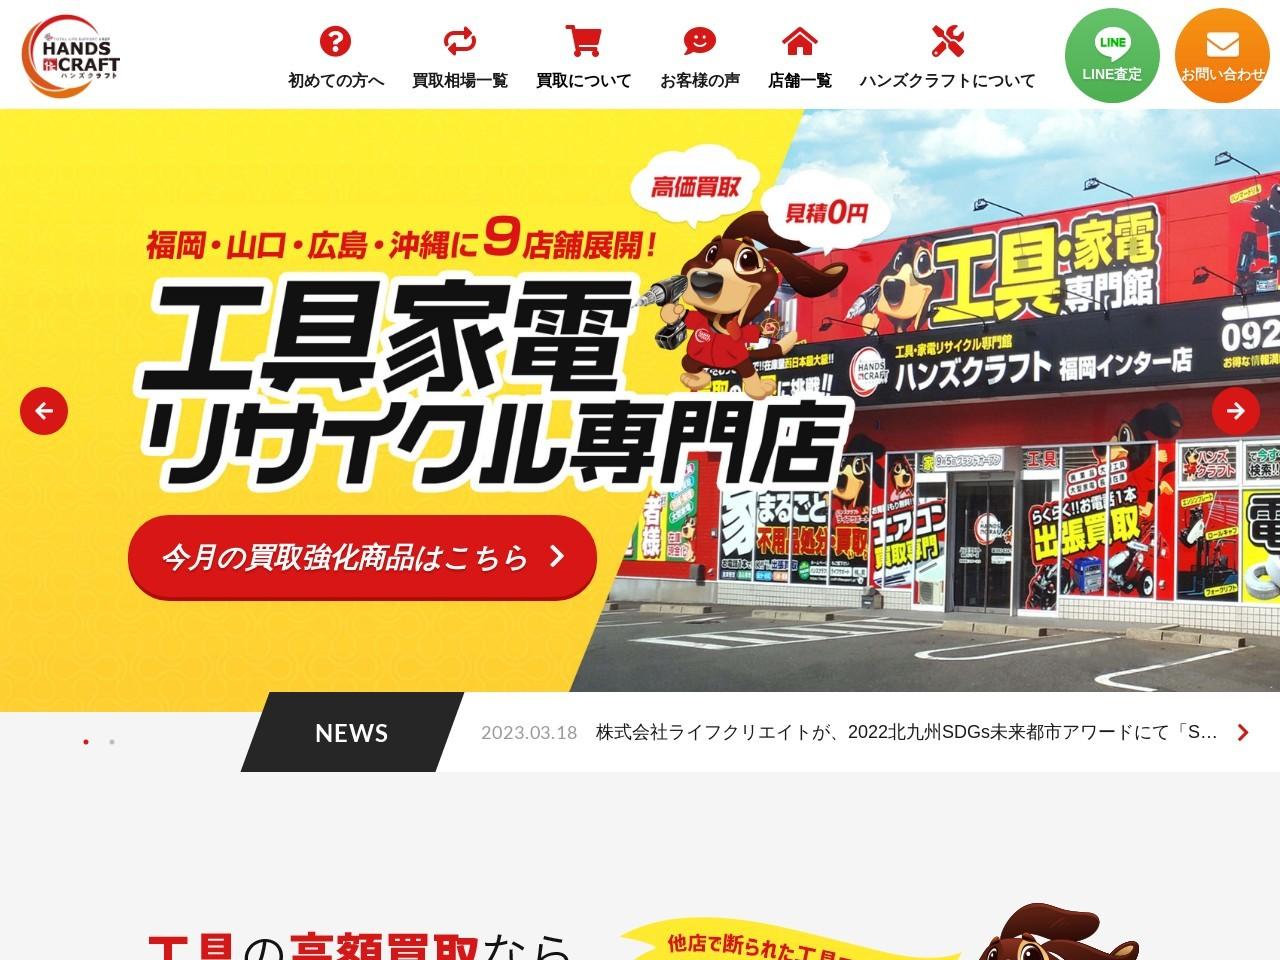 福岡 北九州のリサイクルショップ ハンズクラフト 処分回収 工具 家電 家具 買取